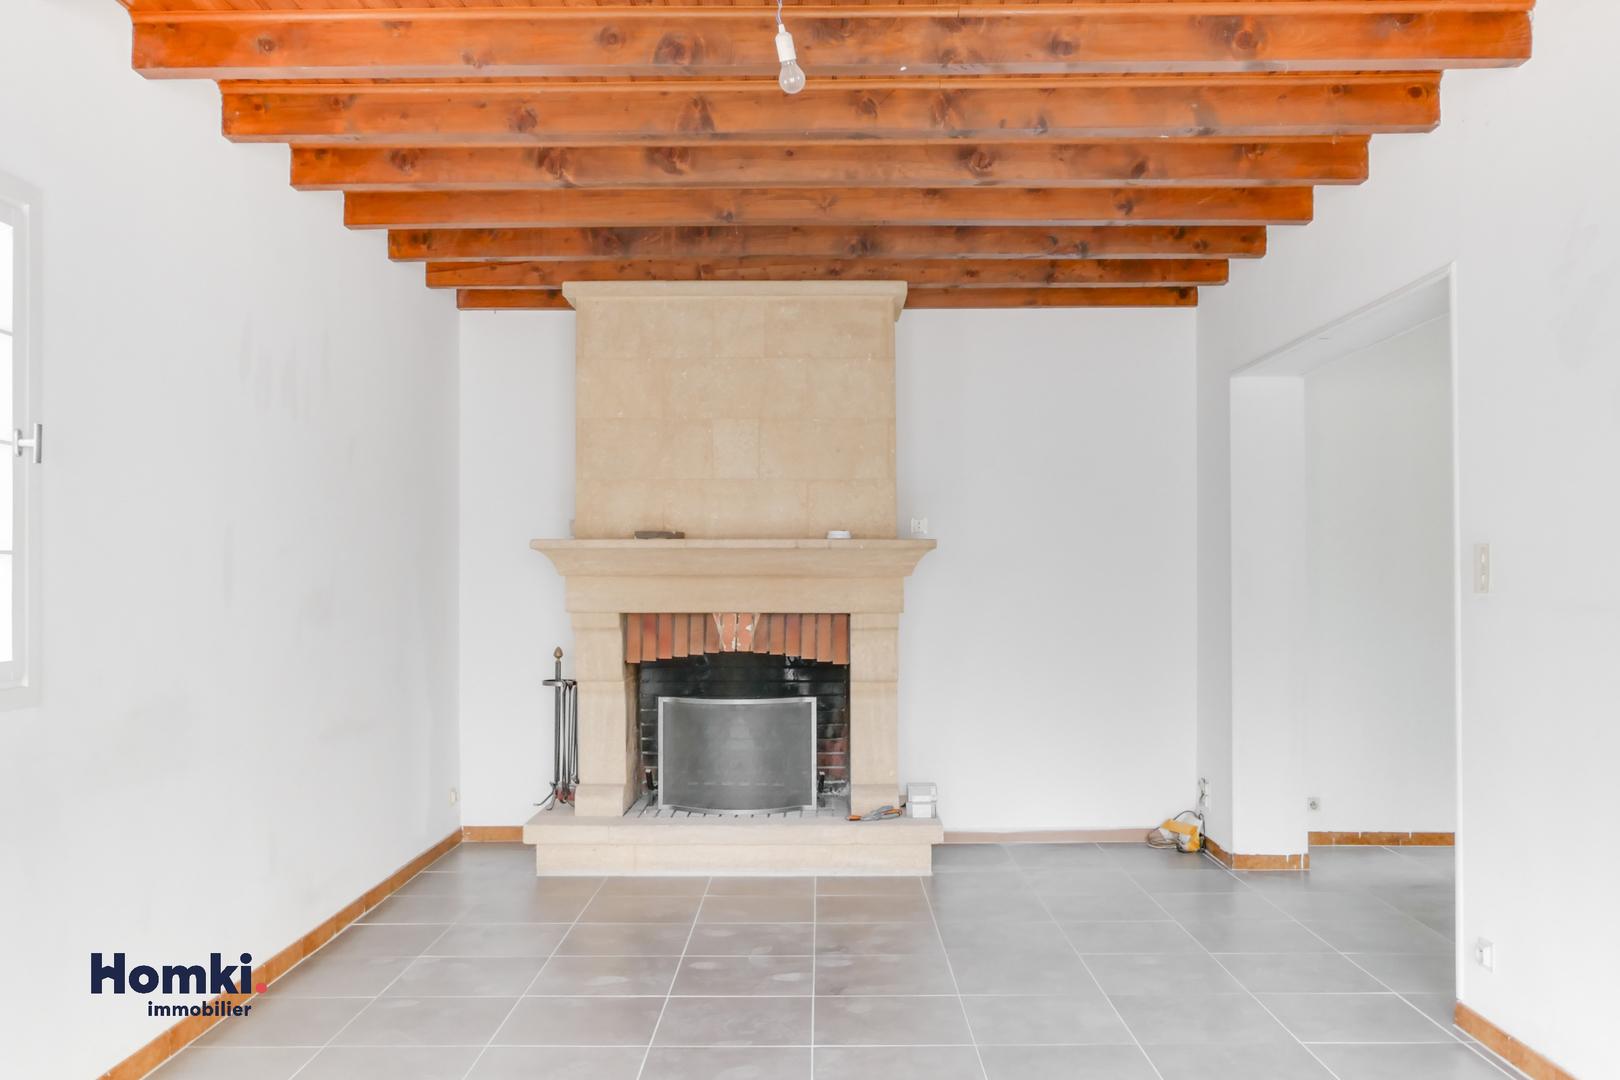 Vente maison 83m² T3 42000_1